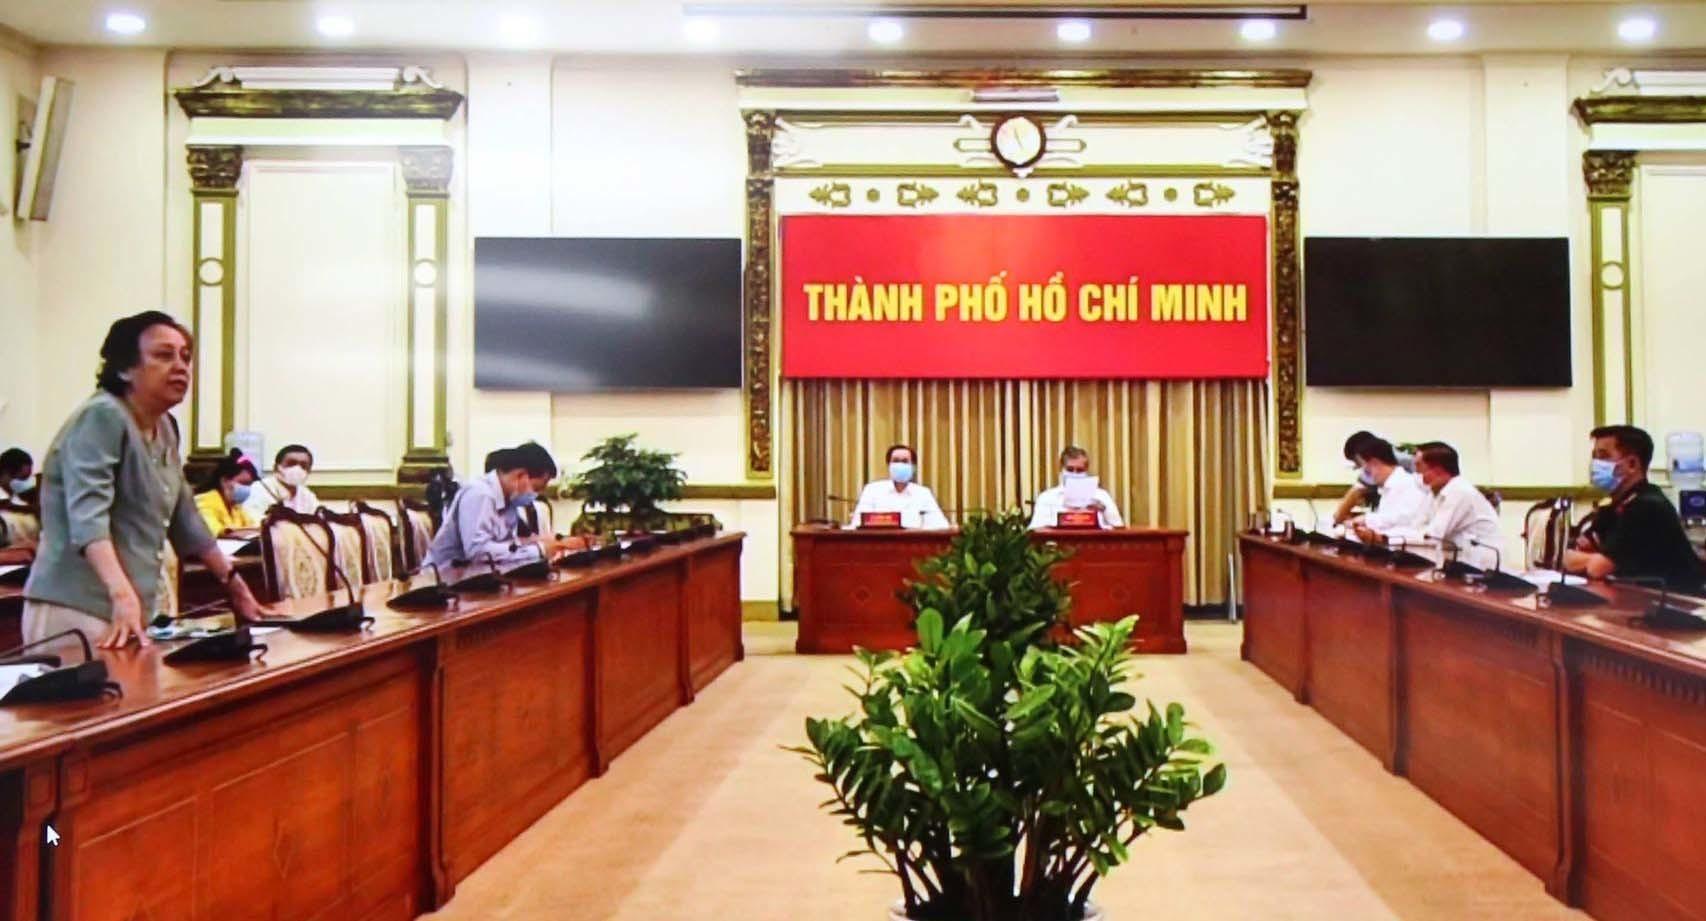 TP.HCM thu hồi toàn bộ sản phẩm của Công ty Lối Sống Mới